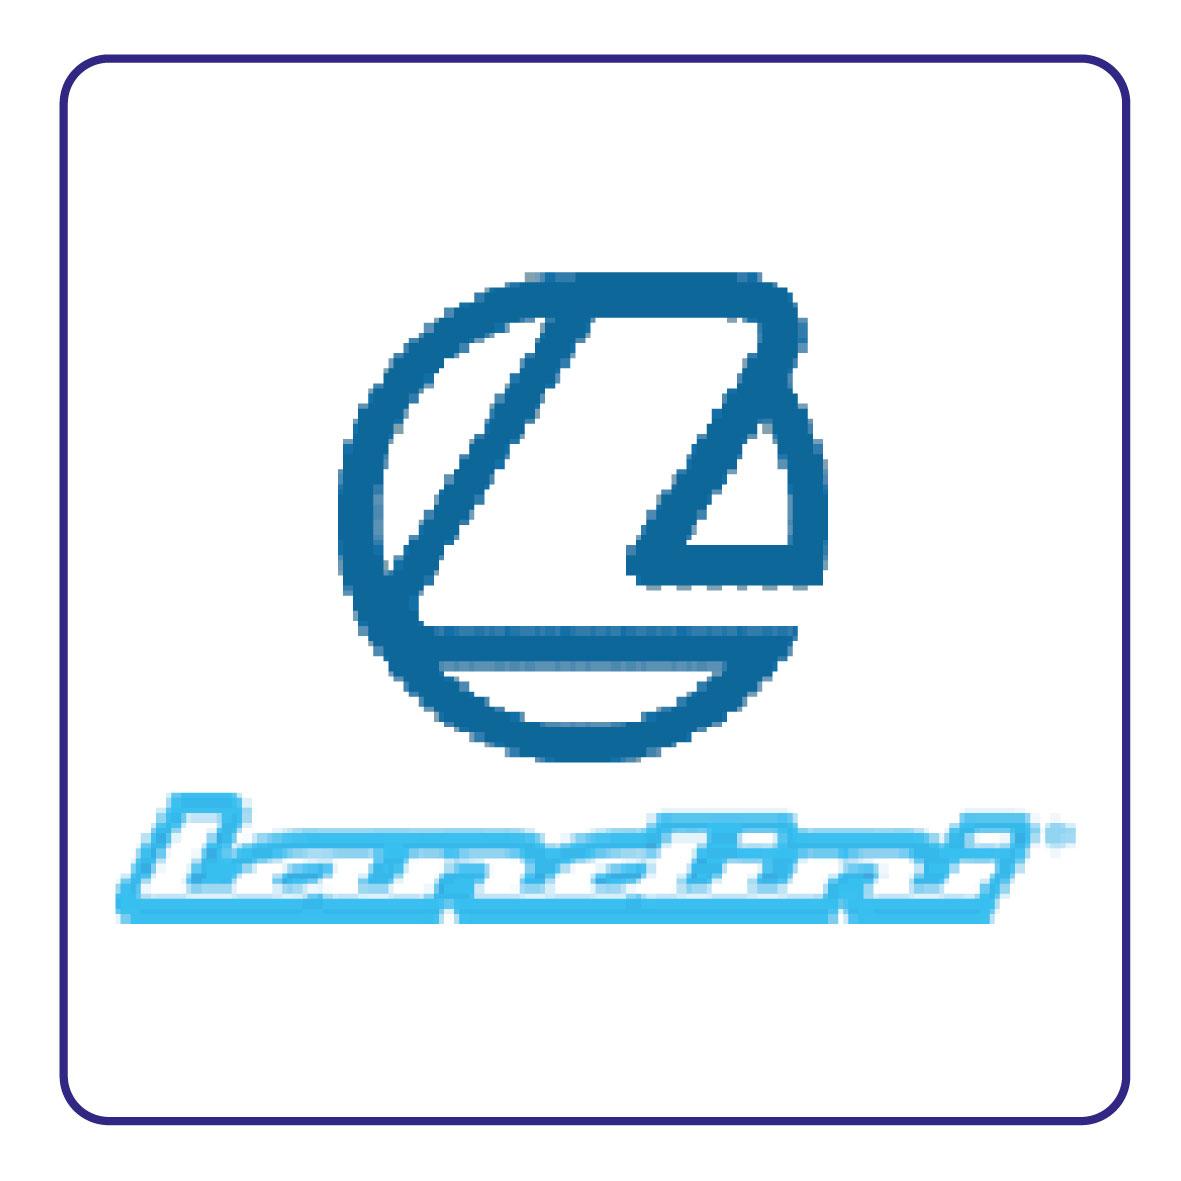 Pin uso repuestos motocultores agria catalogos con precios for Precio logo